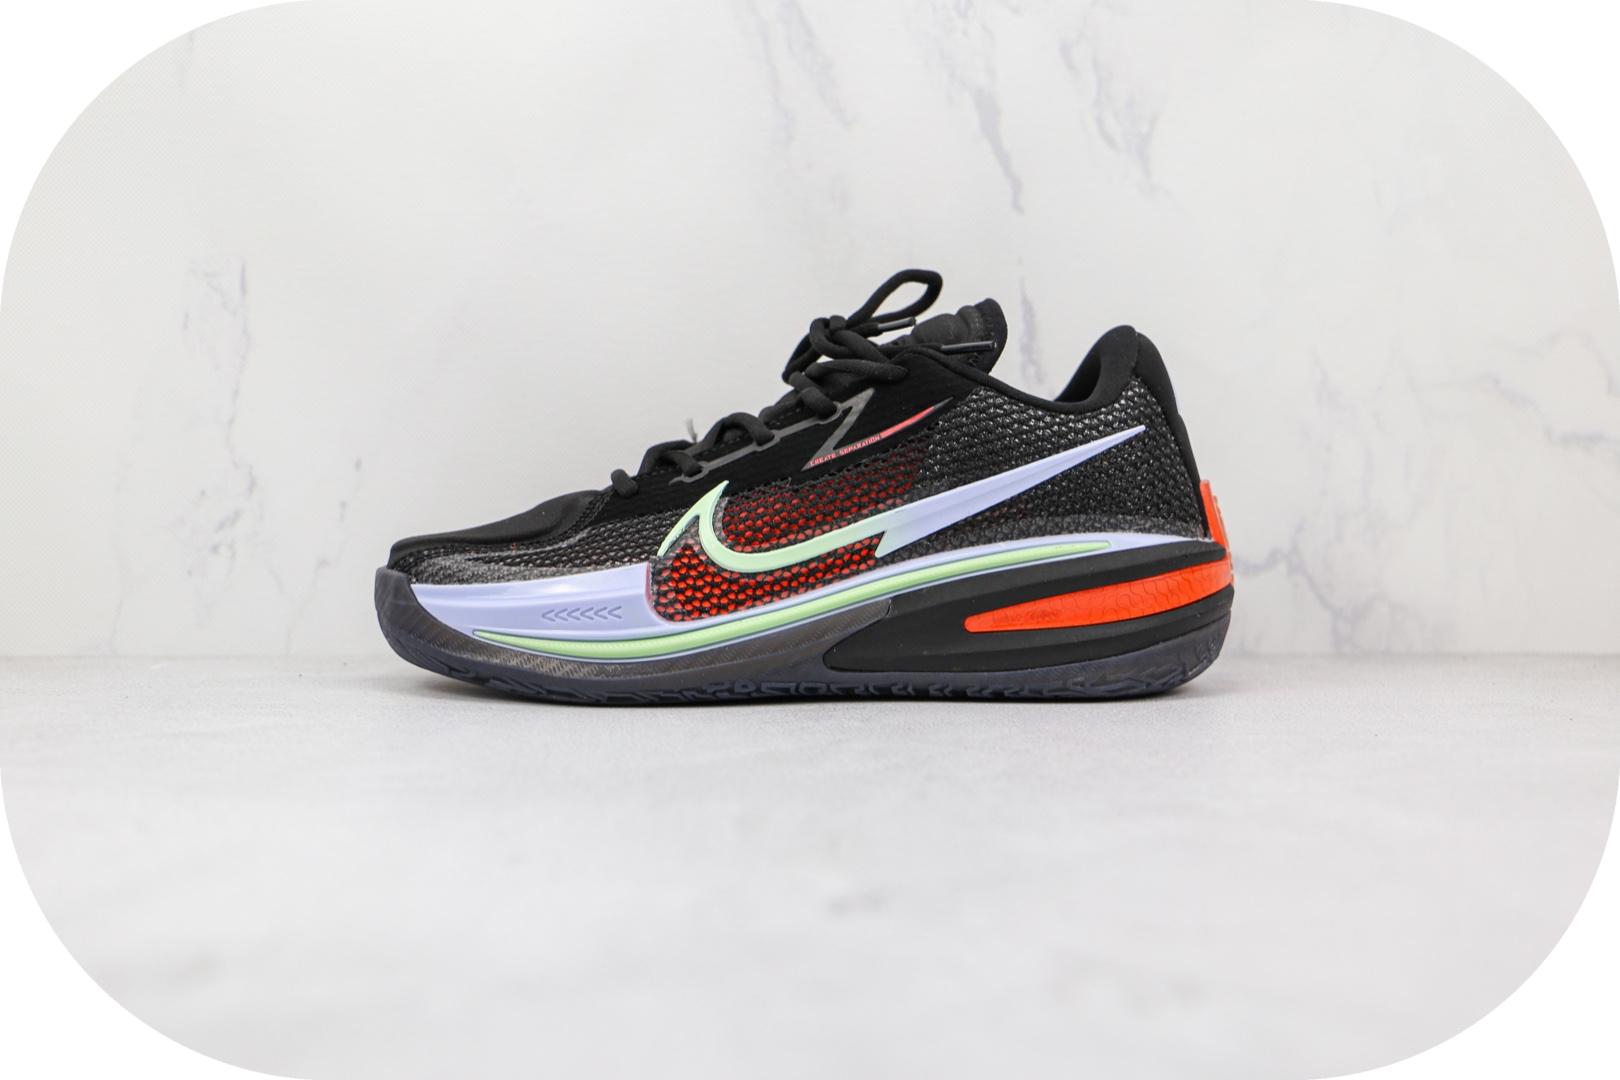 耐克Nike Zoom GT Cut纯原版本黑红绿色GT篮球鞋原档案数据开发 货号:CZ0176-006